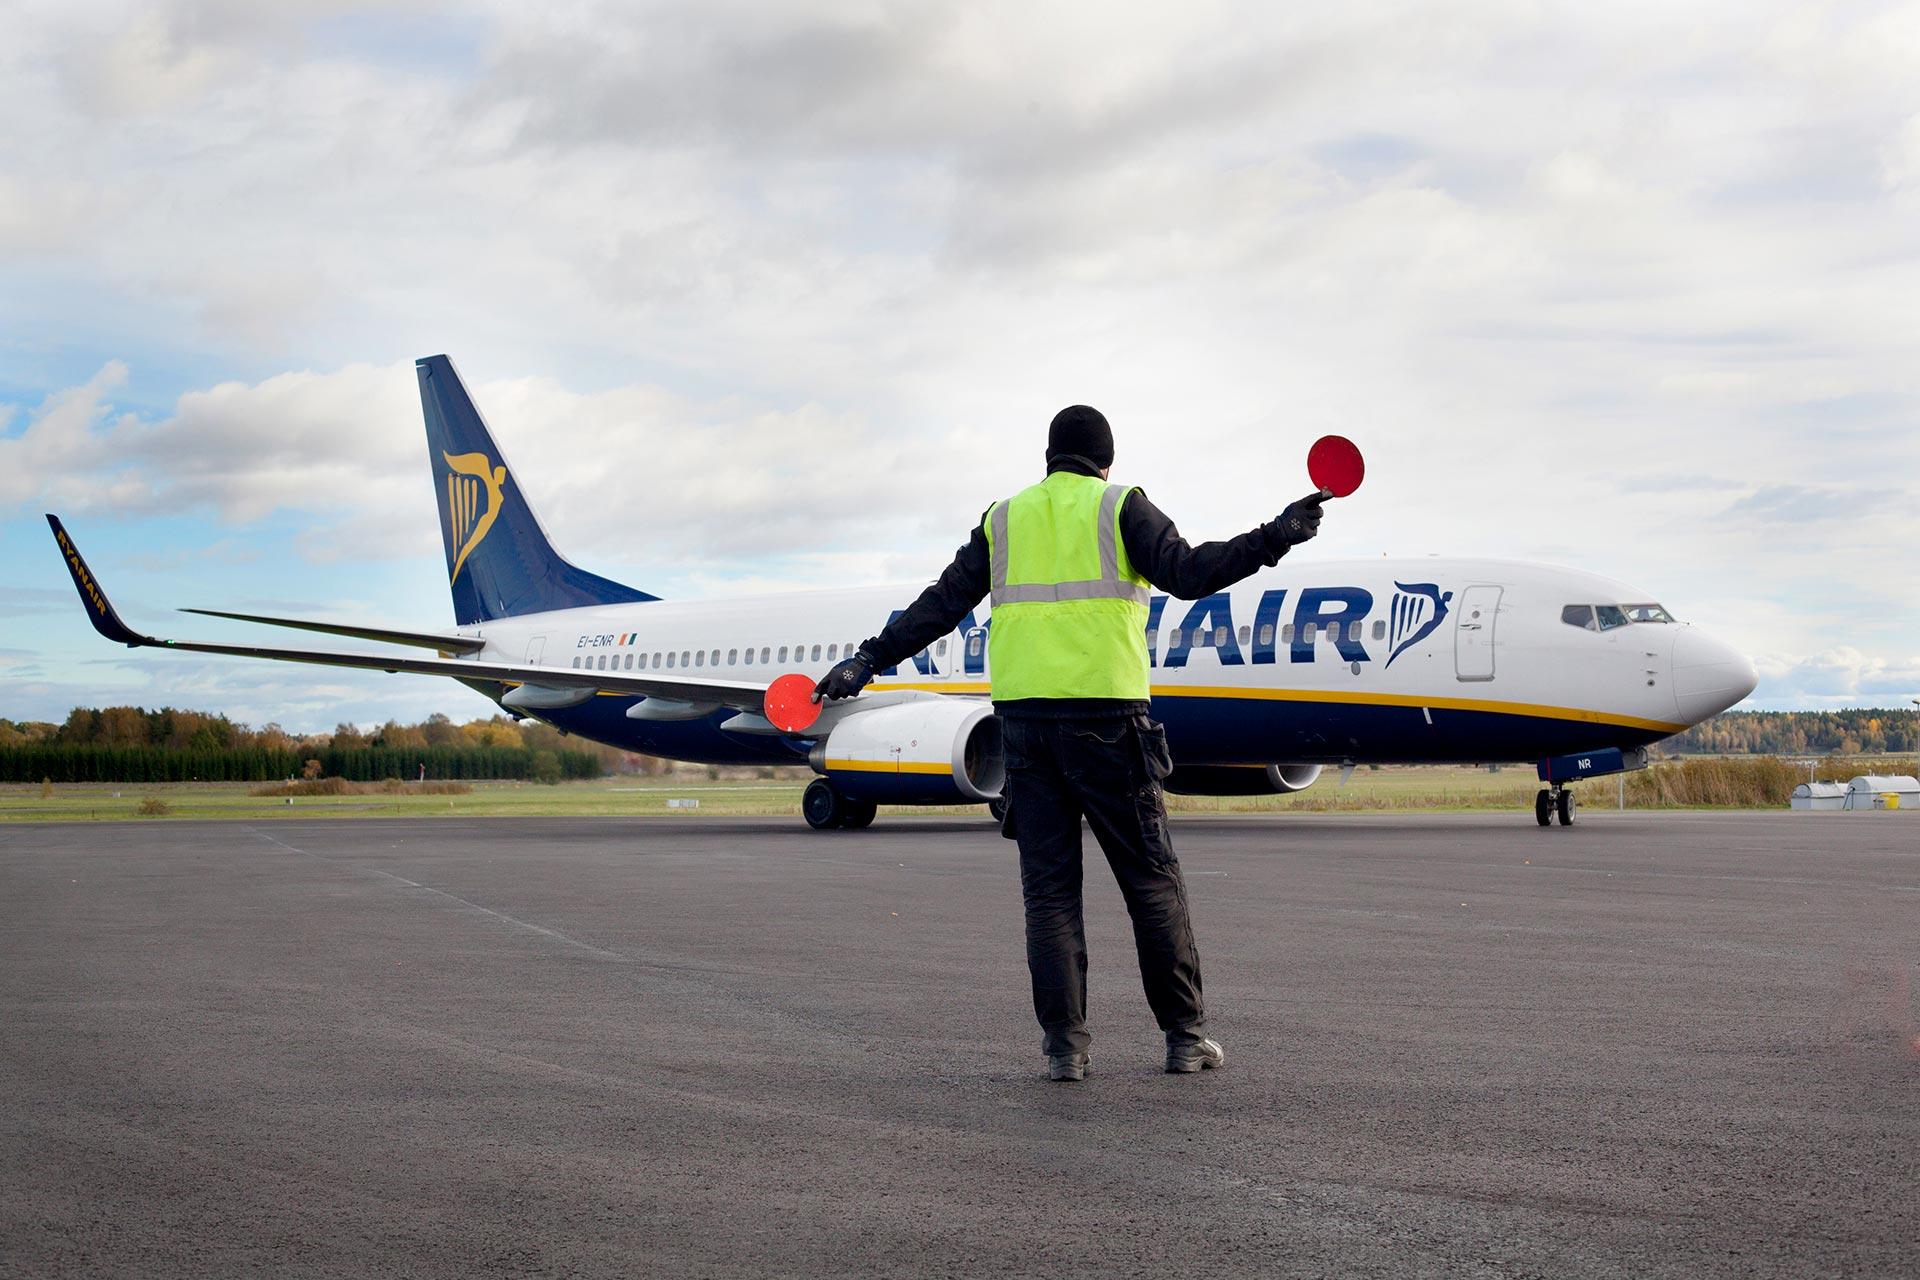 Flygplan landar på Västerås Airport. Fotograf: Clifford Shirley